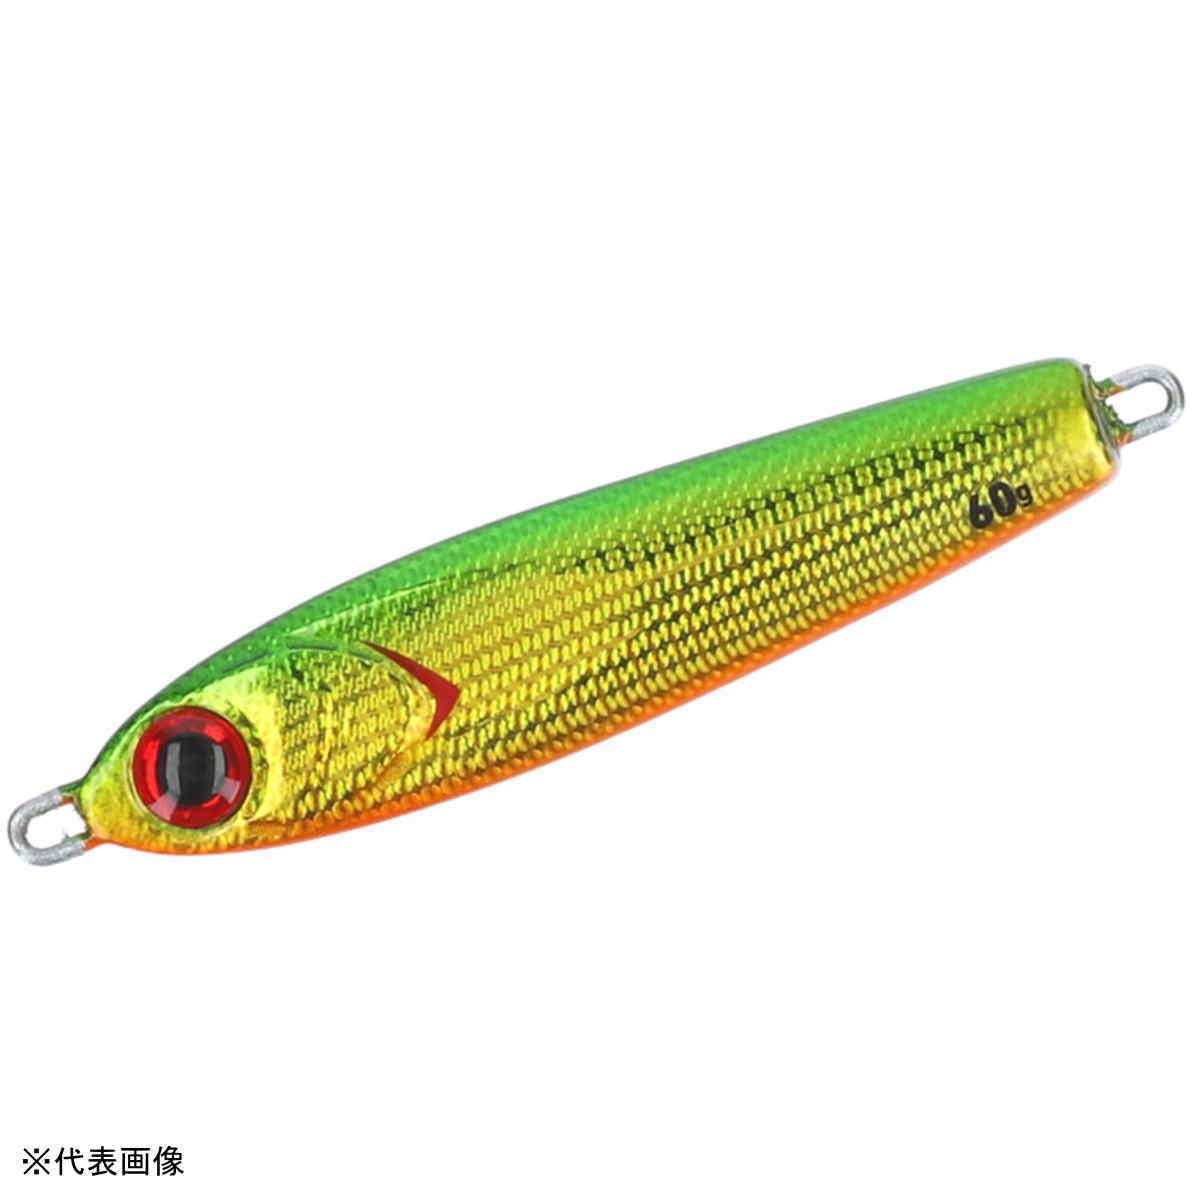 ダイワ 紅牙 ベイメタル真鯛 60g 3Dグリーンゴールドオレンジベリー 【メール便 / 代引不可】画像